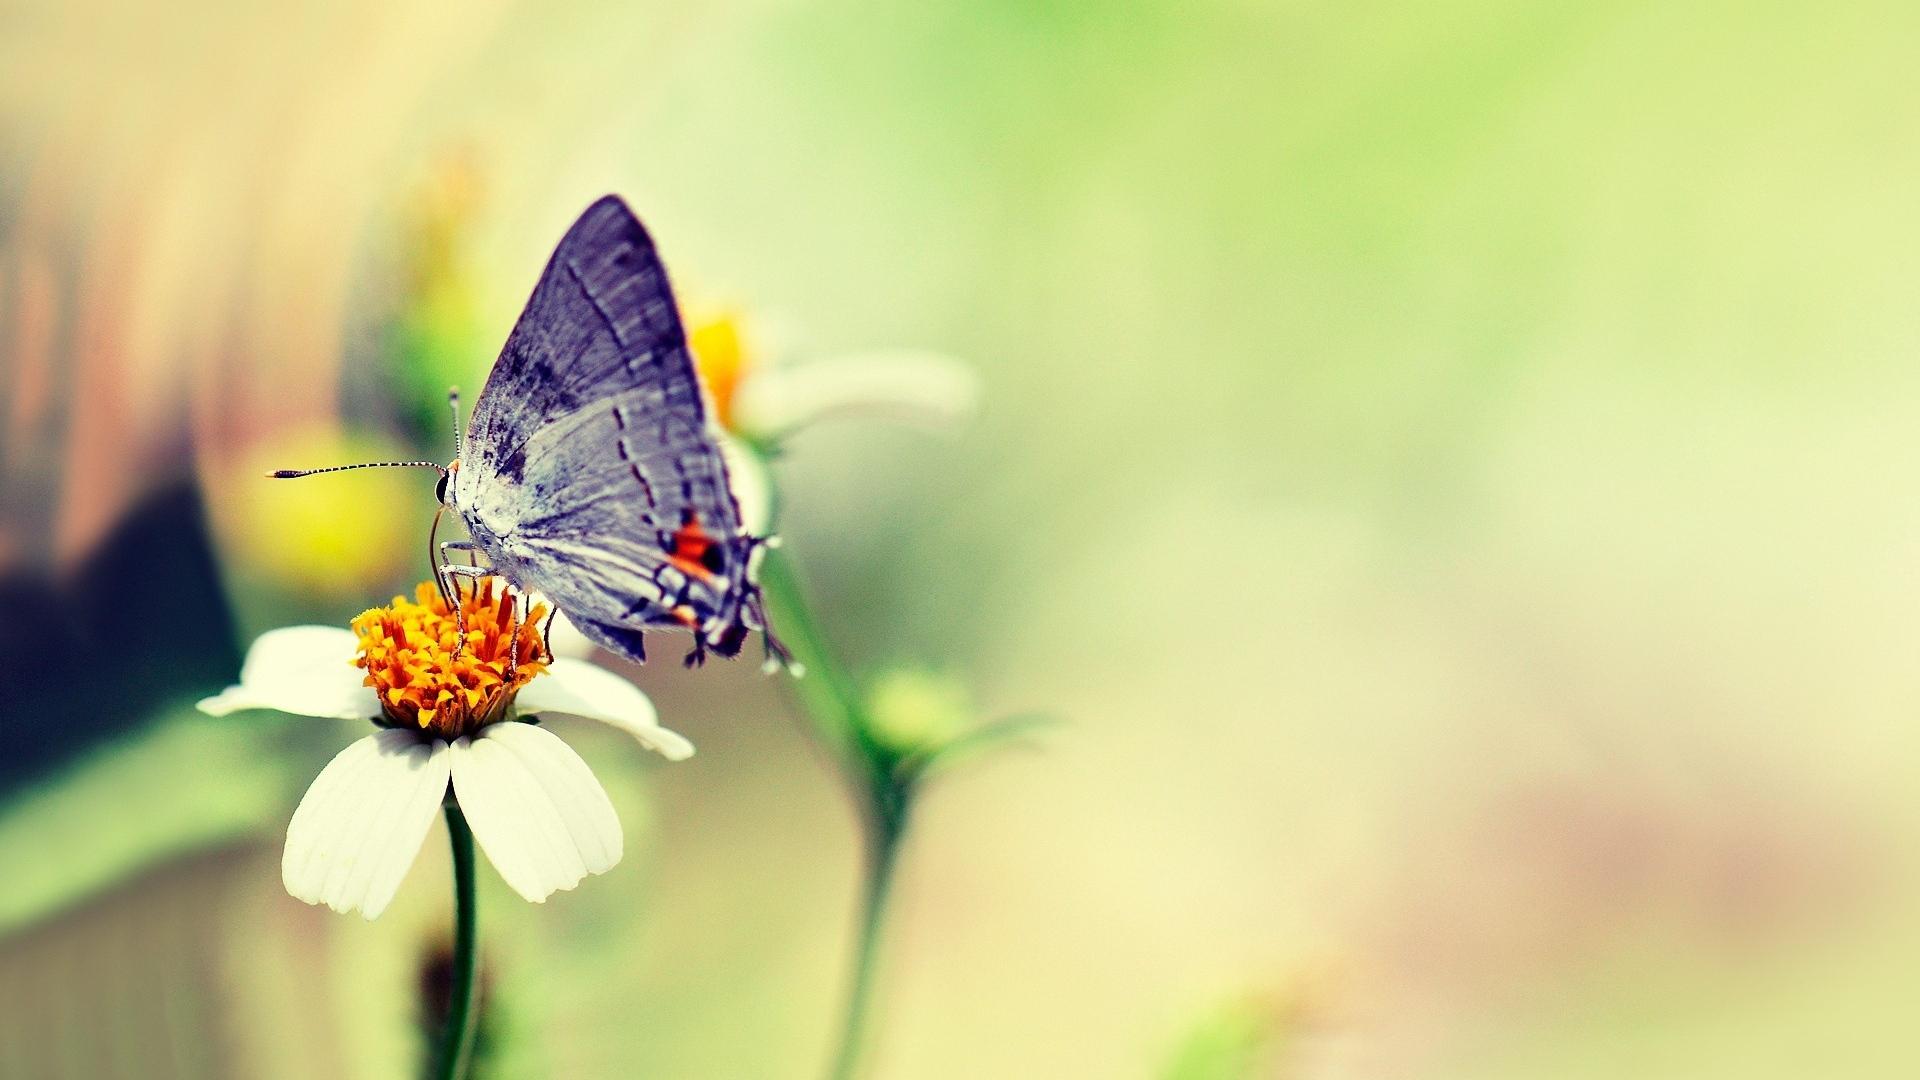 Download Wallpaper 1920x1080 Butterfly Flower Glare Flight Paint